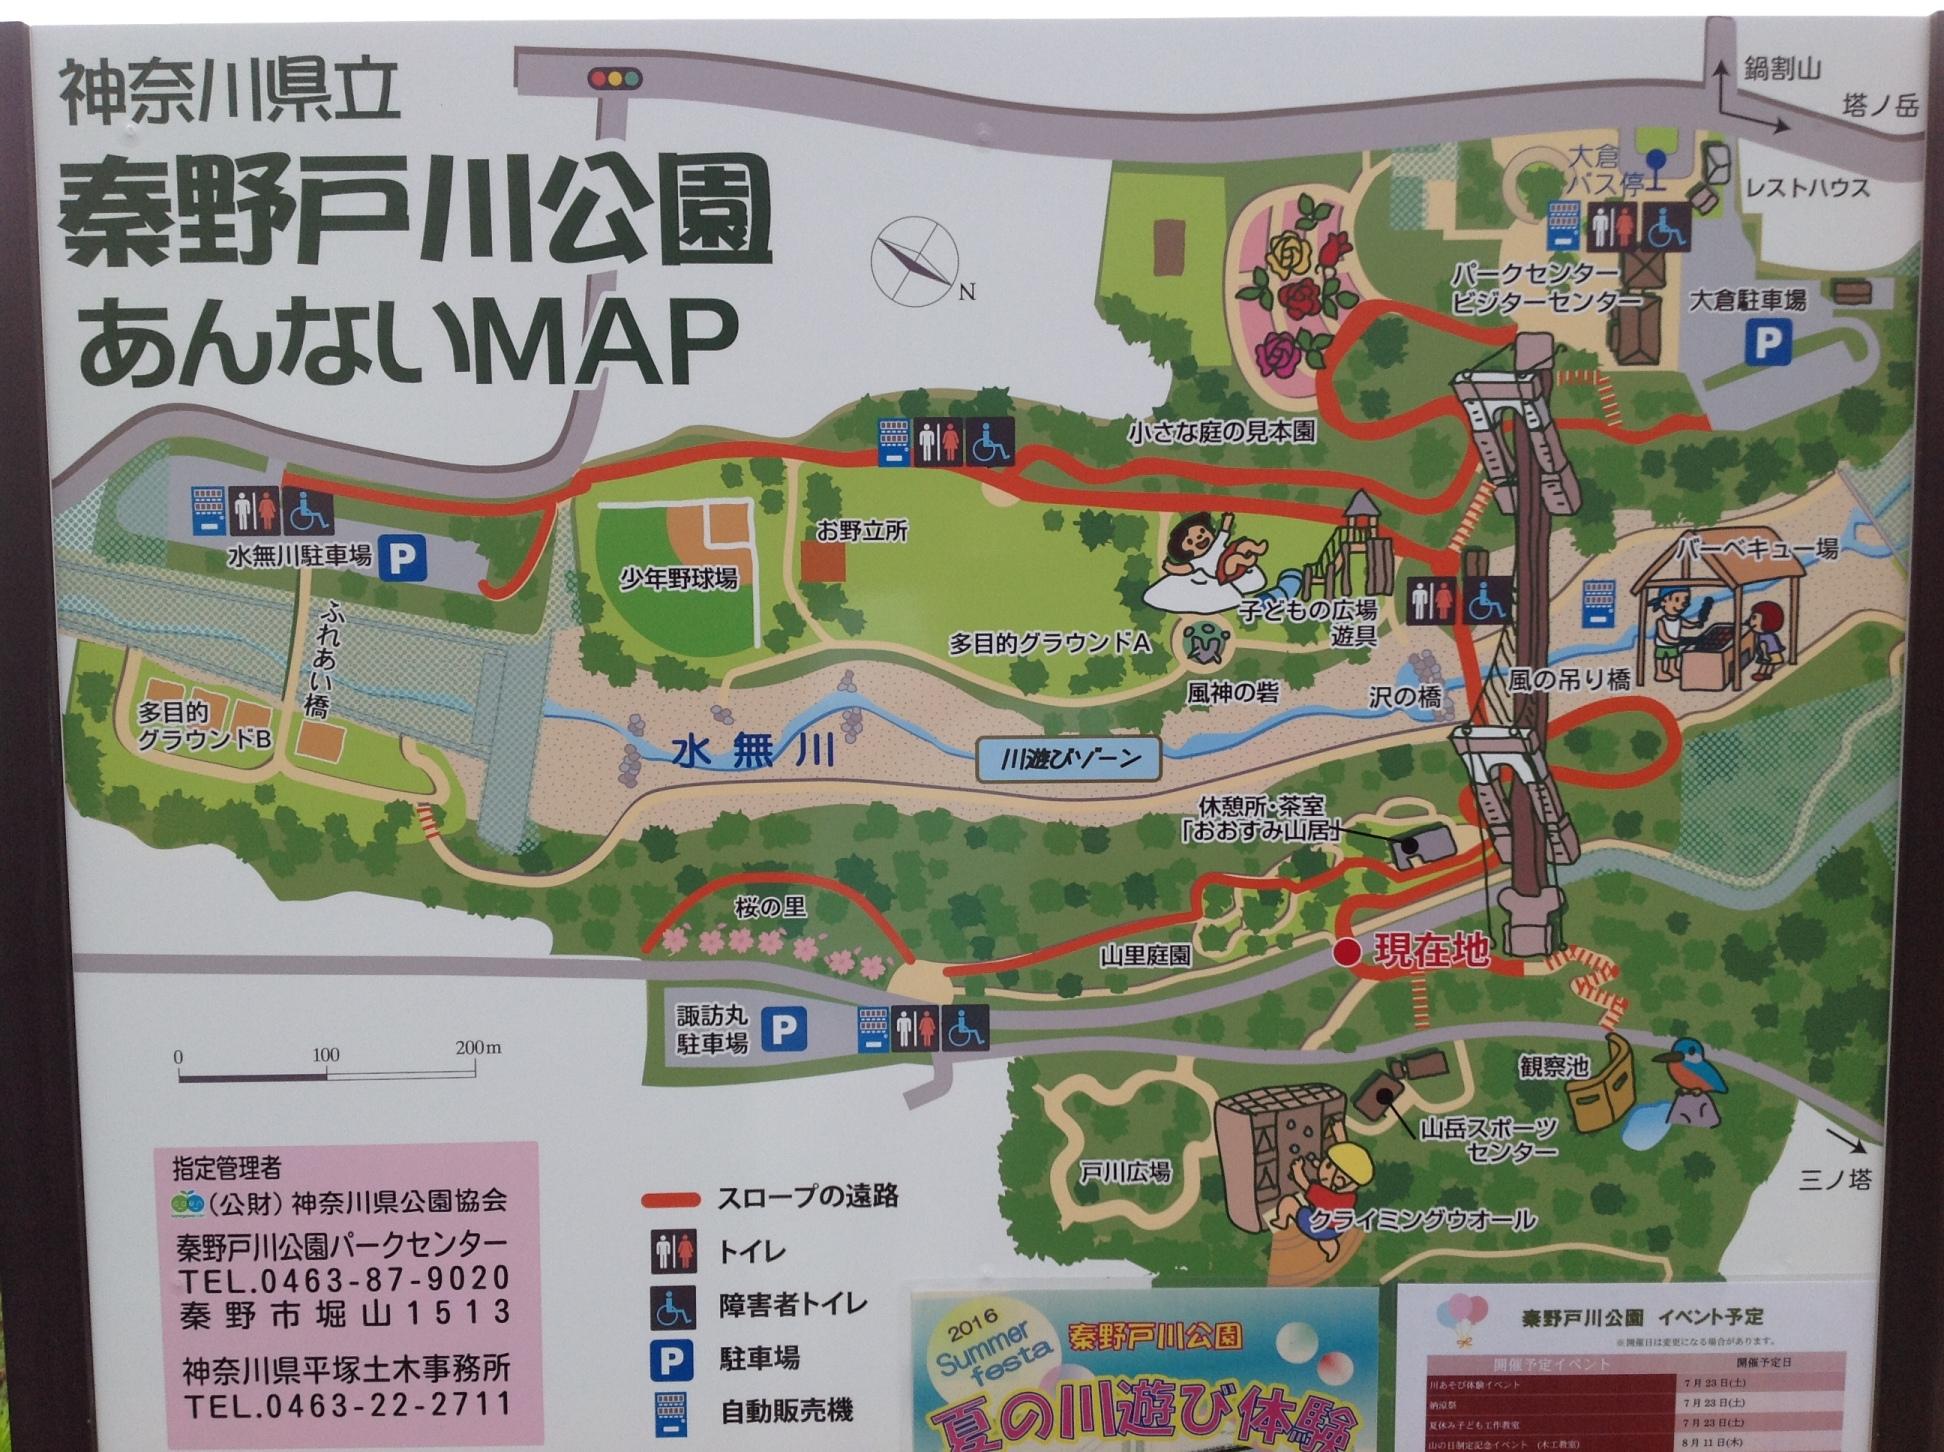 【小田原店】ガッツレンタカーで秦野戸川公園へ快適ドライブ♪